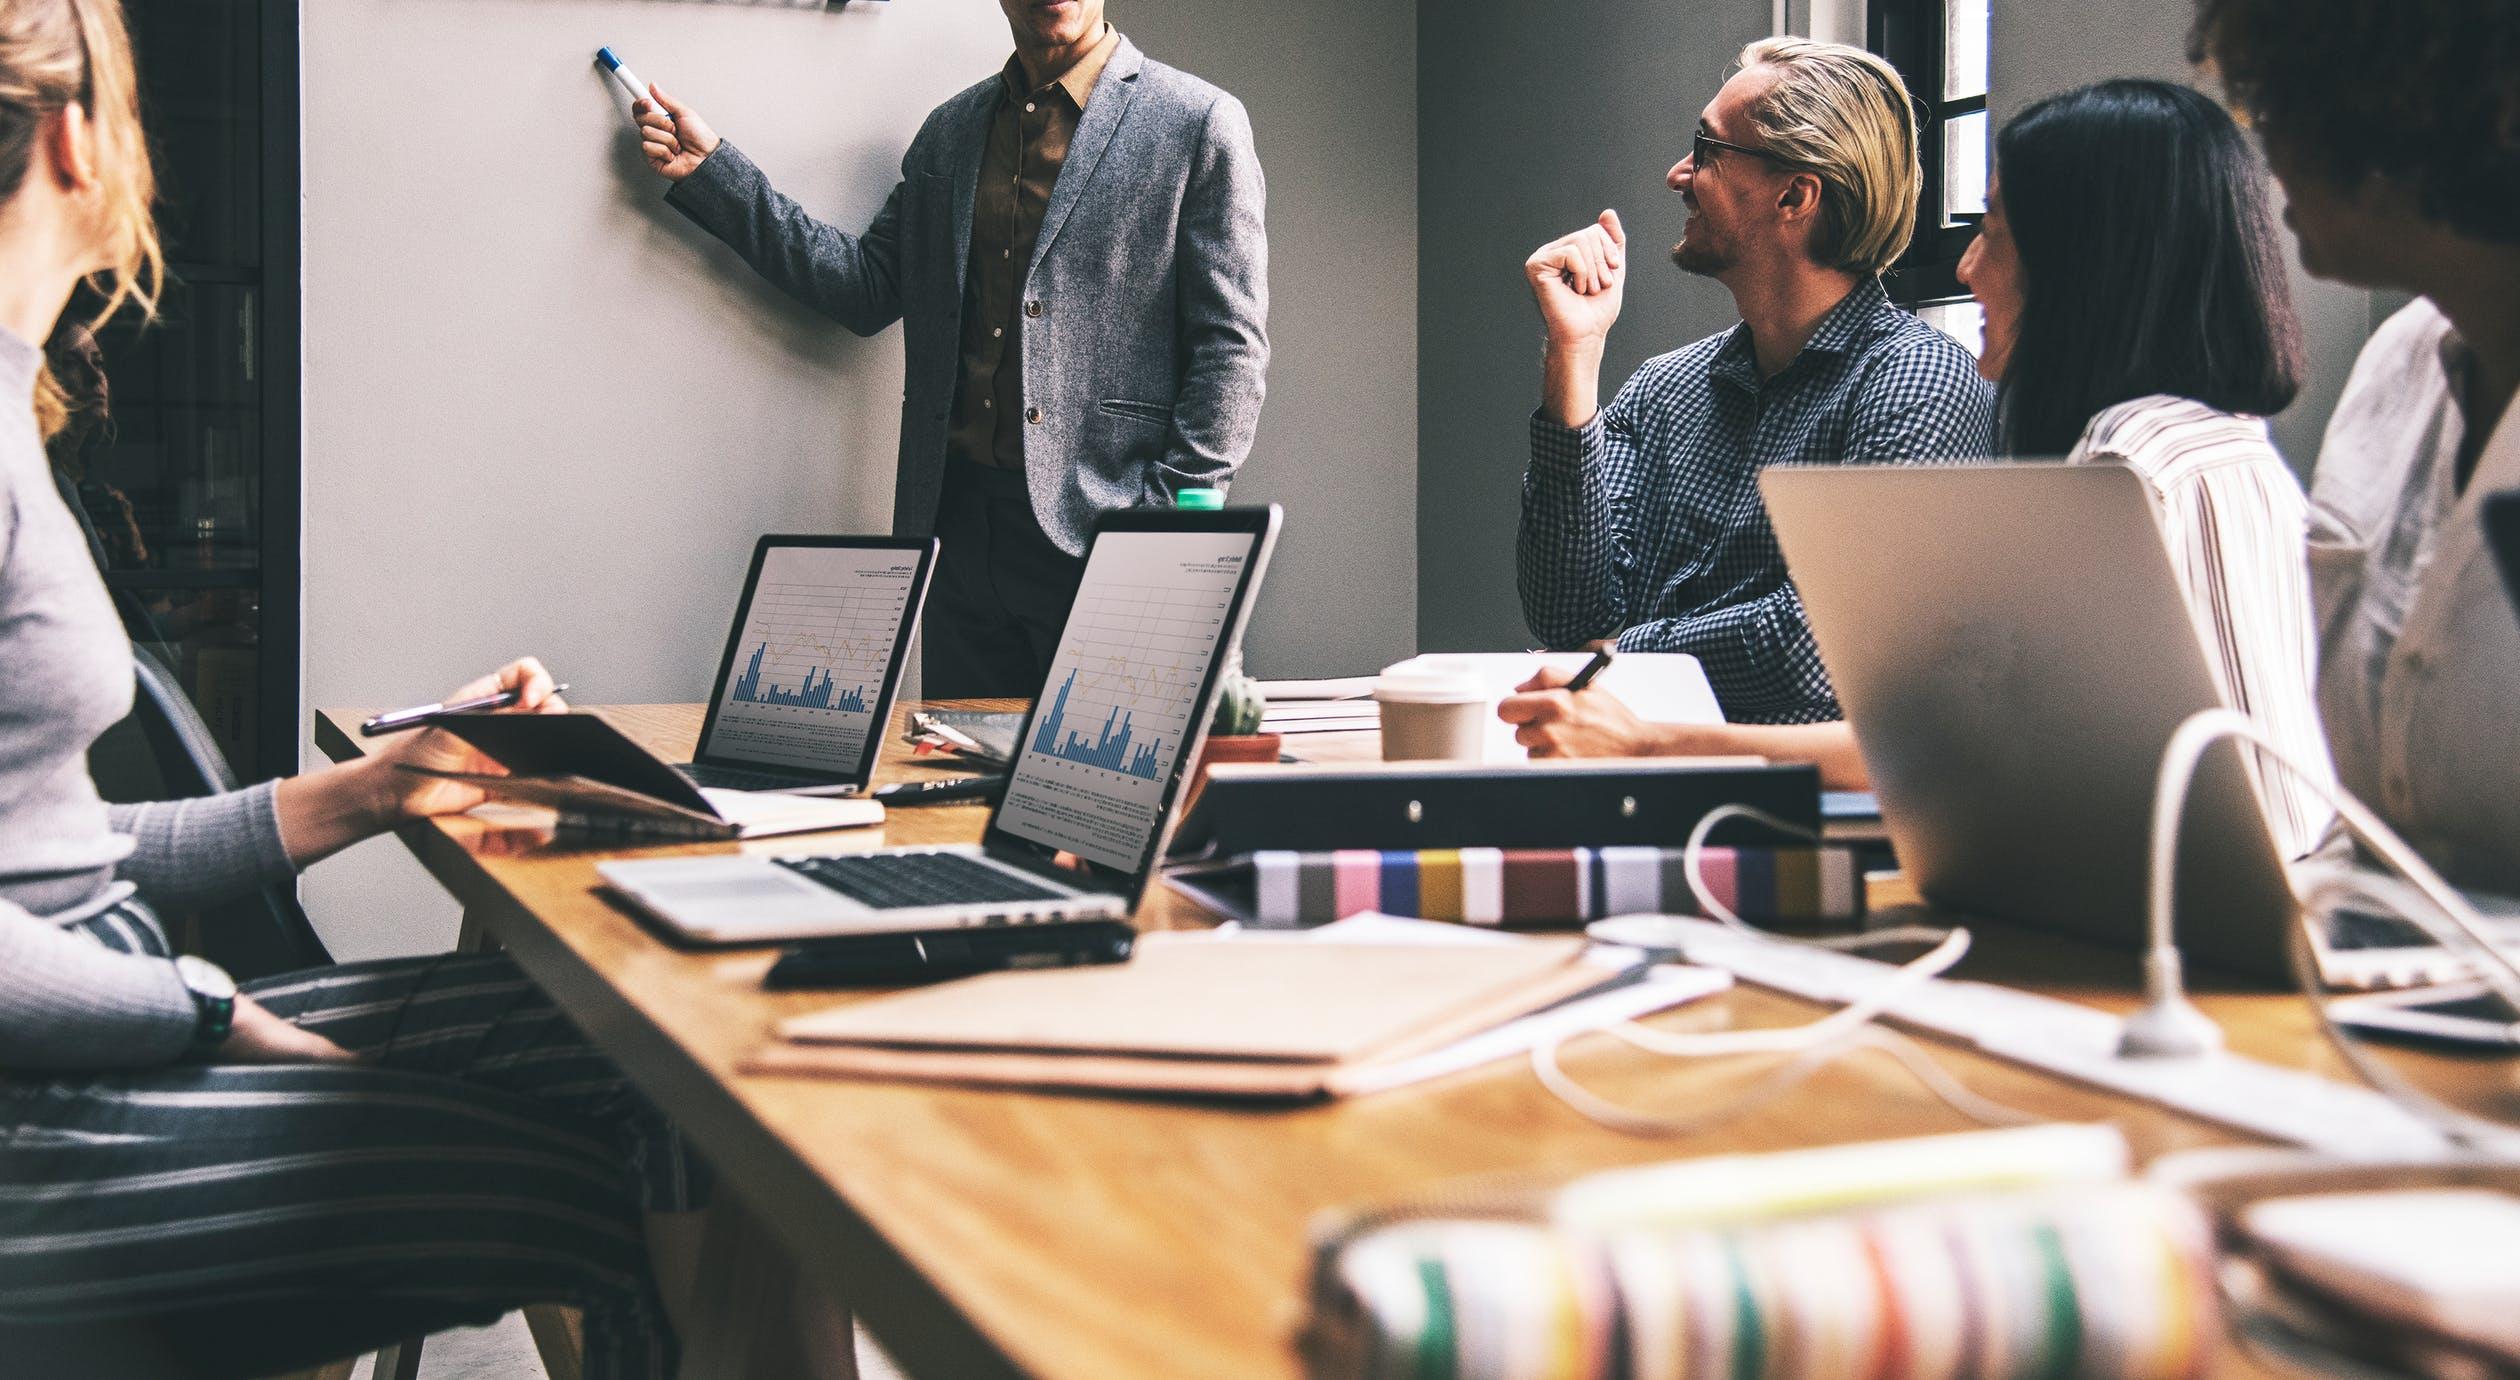 Bisnis 2019 yang Sedang Booming & Siap Hadapi Tantangan di 2020